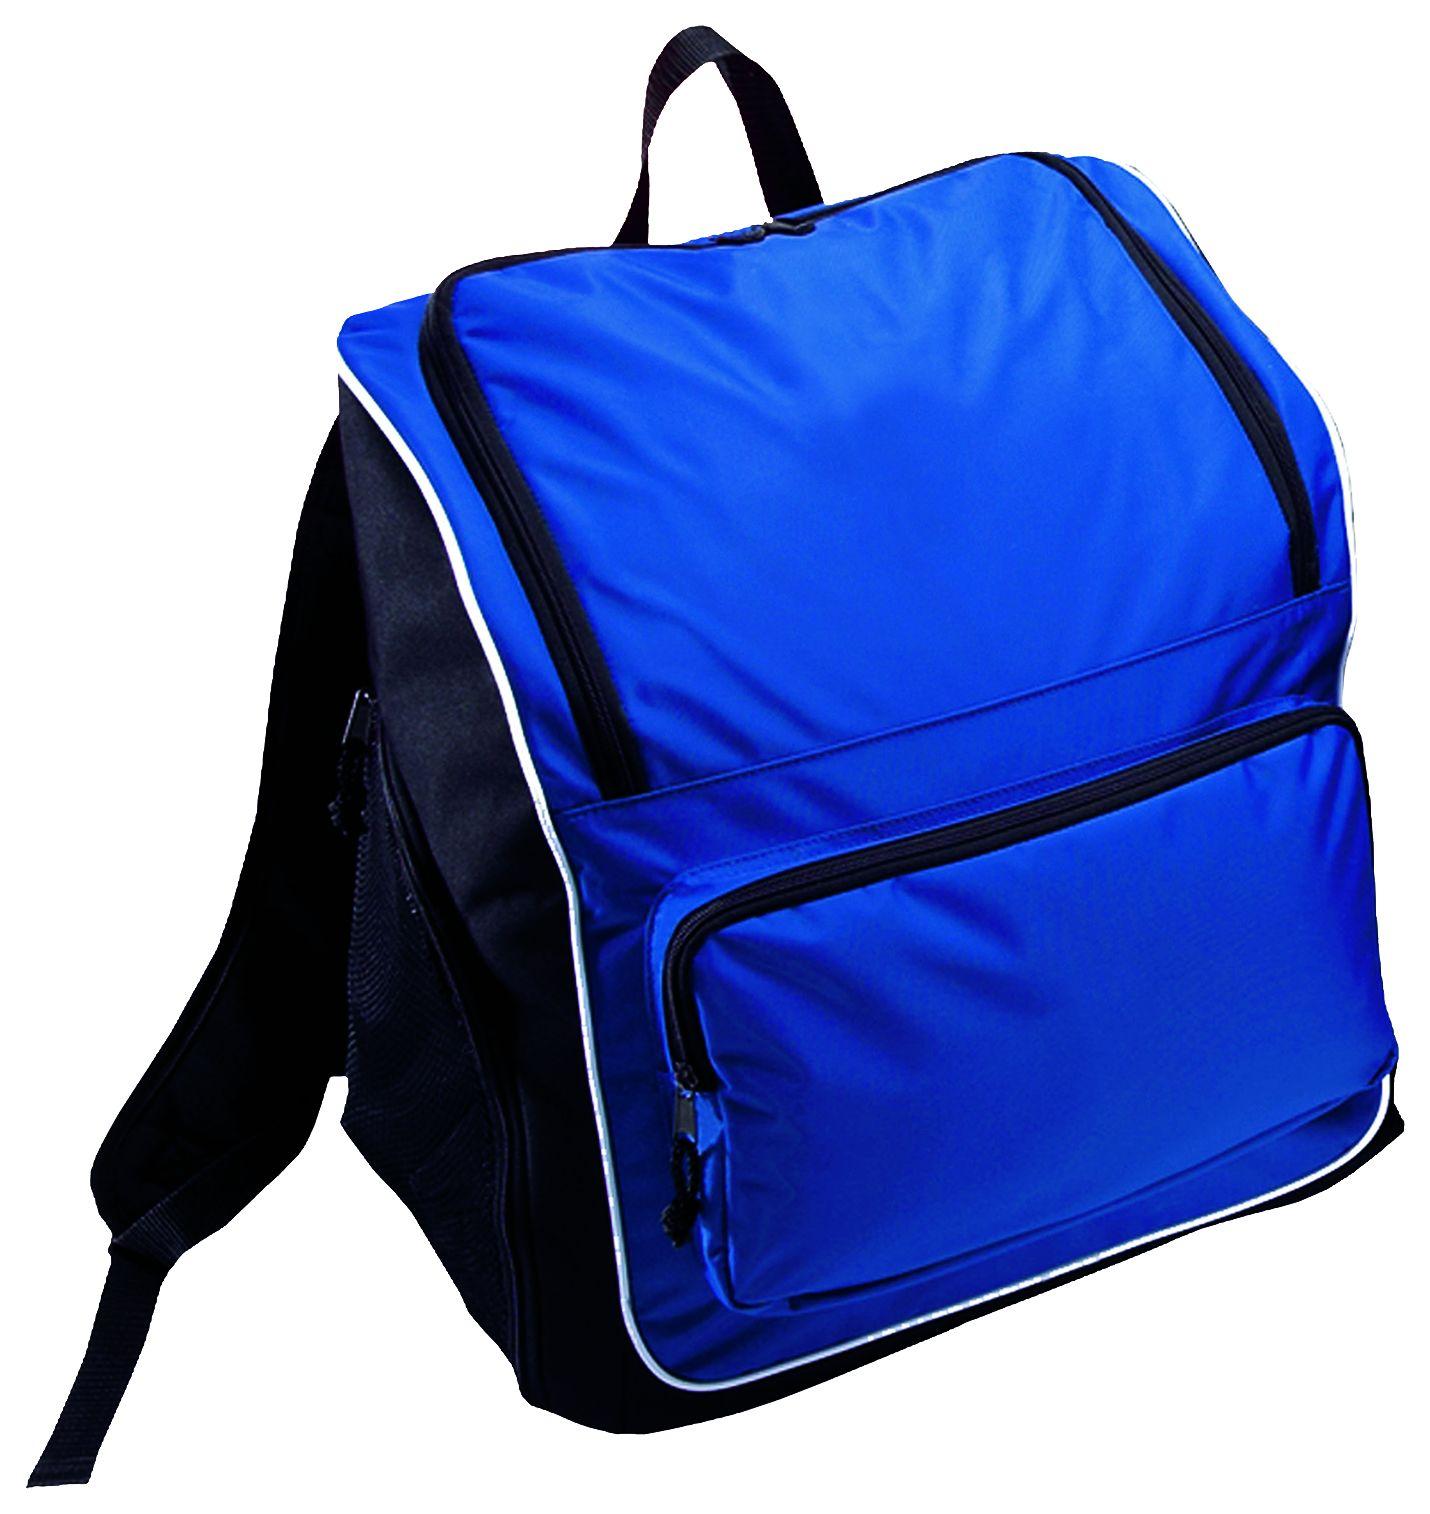 Sportsman Backpack Bag - ROYAL/BLACK/WHITE